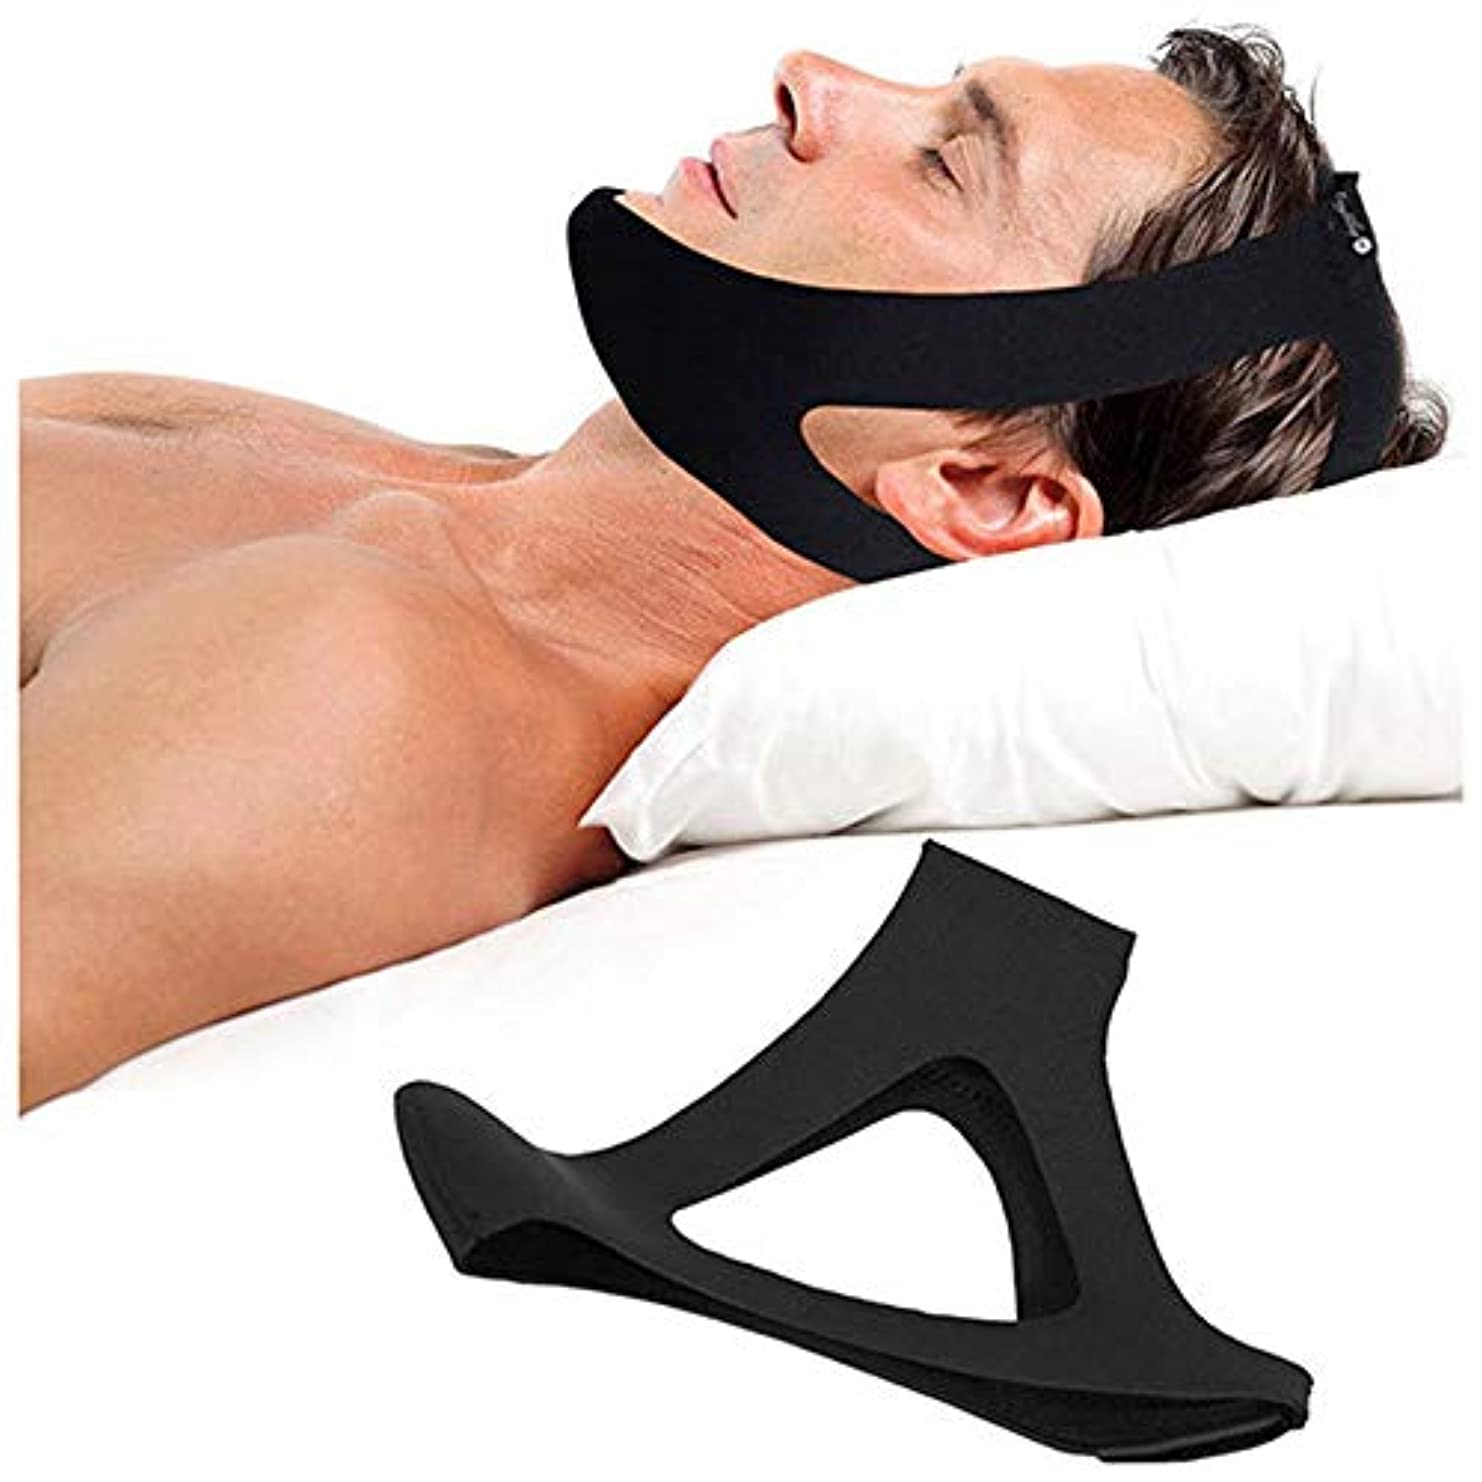 適度にデンプシーかろうじてアンチいびきあごストラップ停止いびきいびきベルト睡眠時無呼吸あごサポートストラップ女性男性ナイト睡眠補助ツールフェイスリフトツール,A